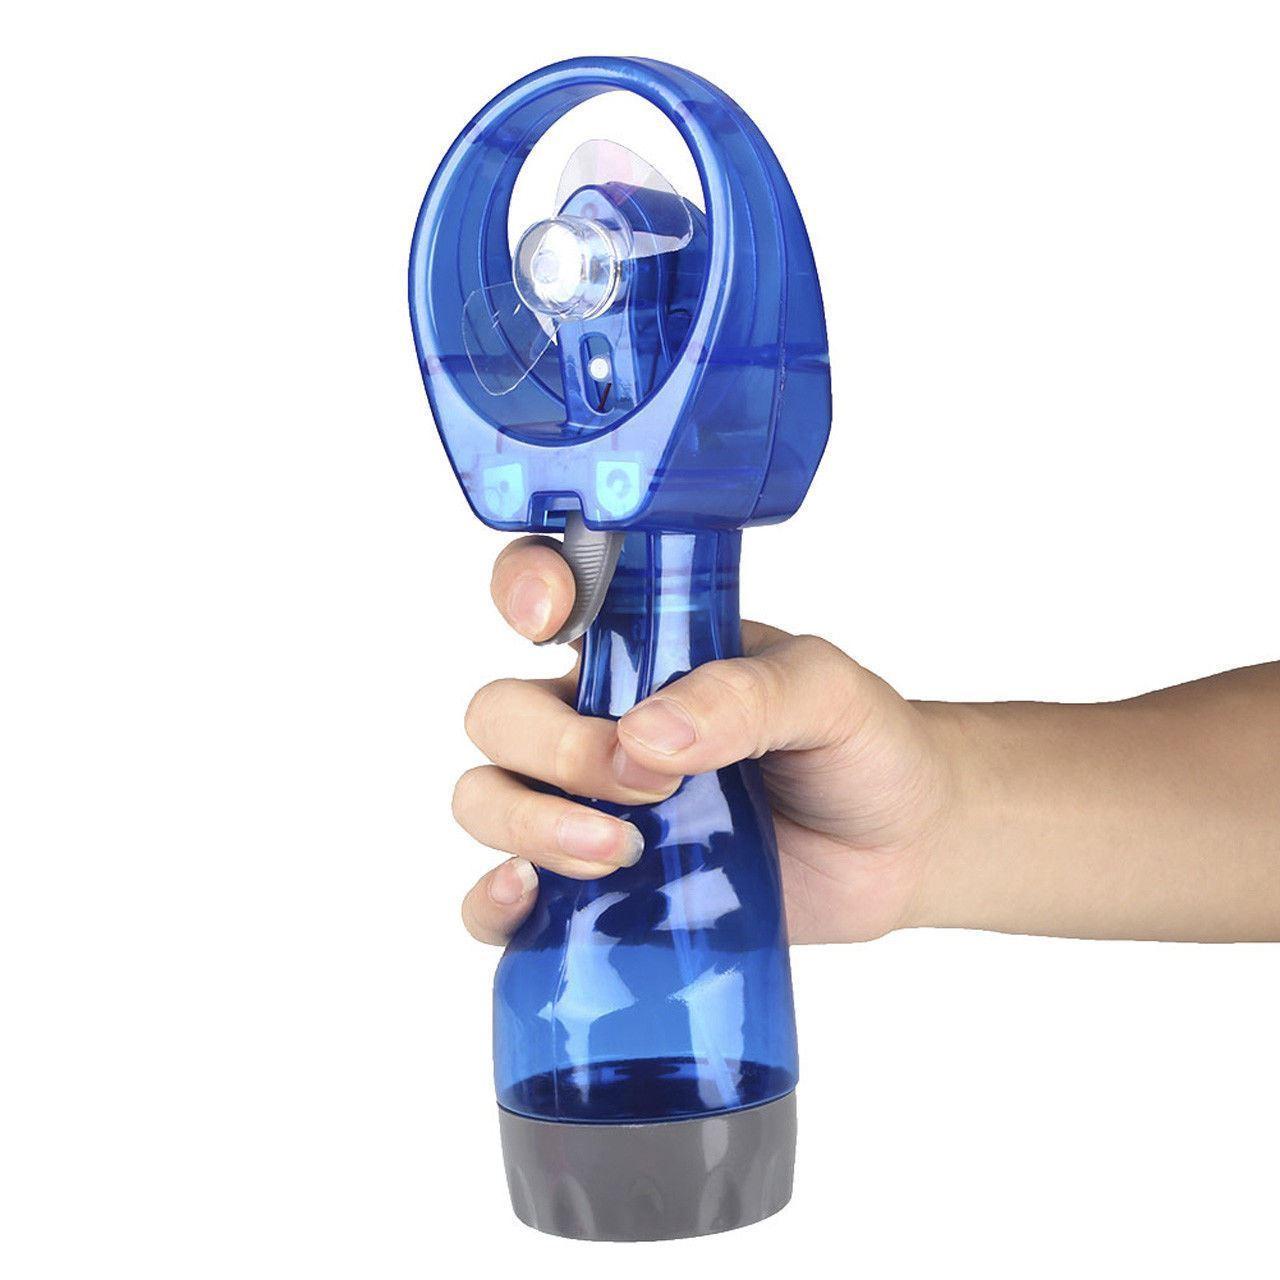 Portable Hand Held Battery Power Fan Air Water Mist Bottle